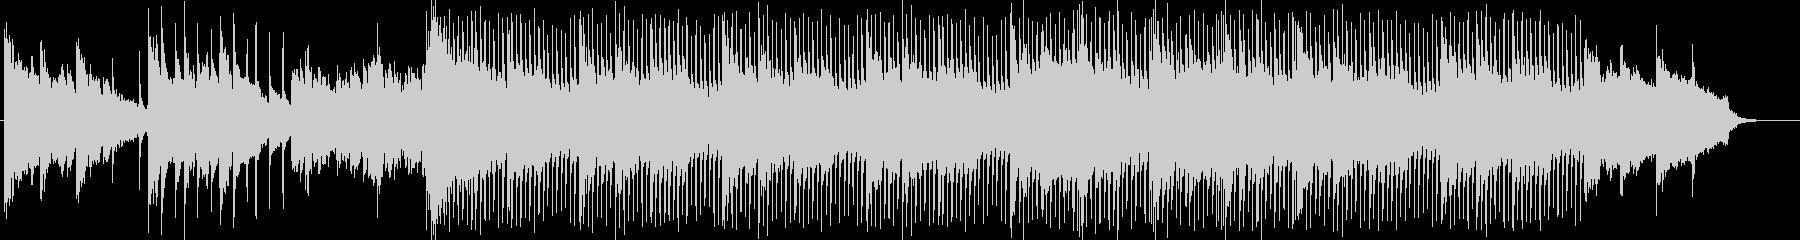 ピアノとストリングスによる綺麗なBGMの未再生の波形